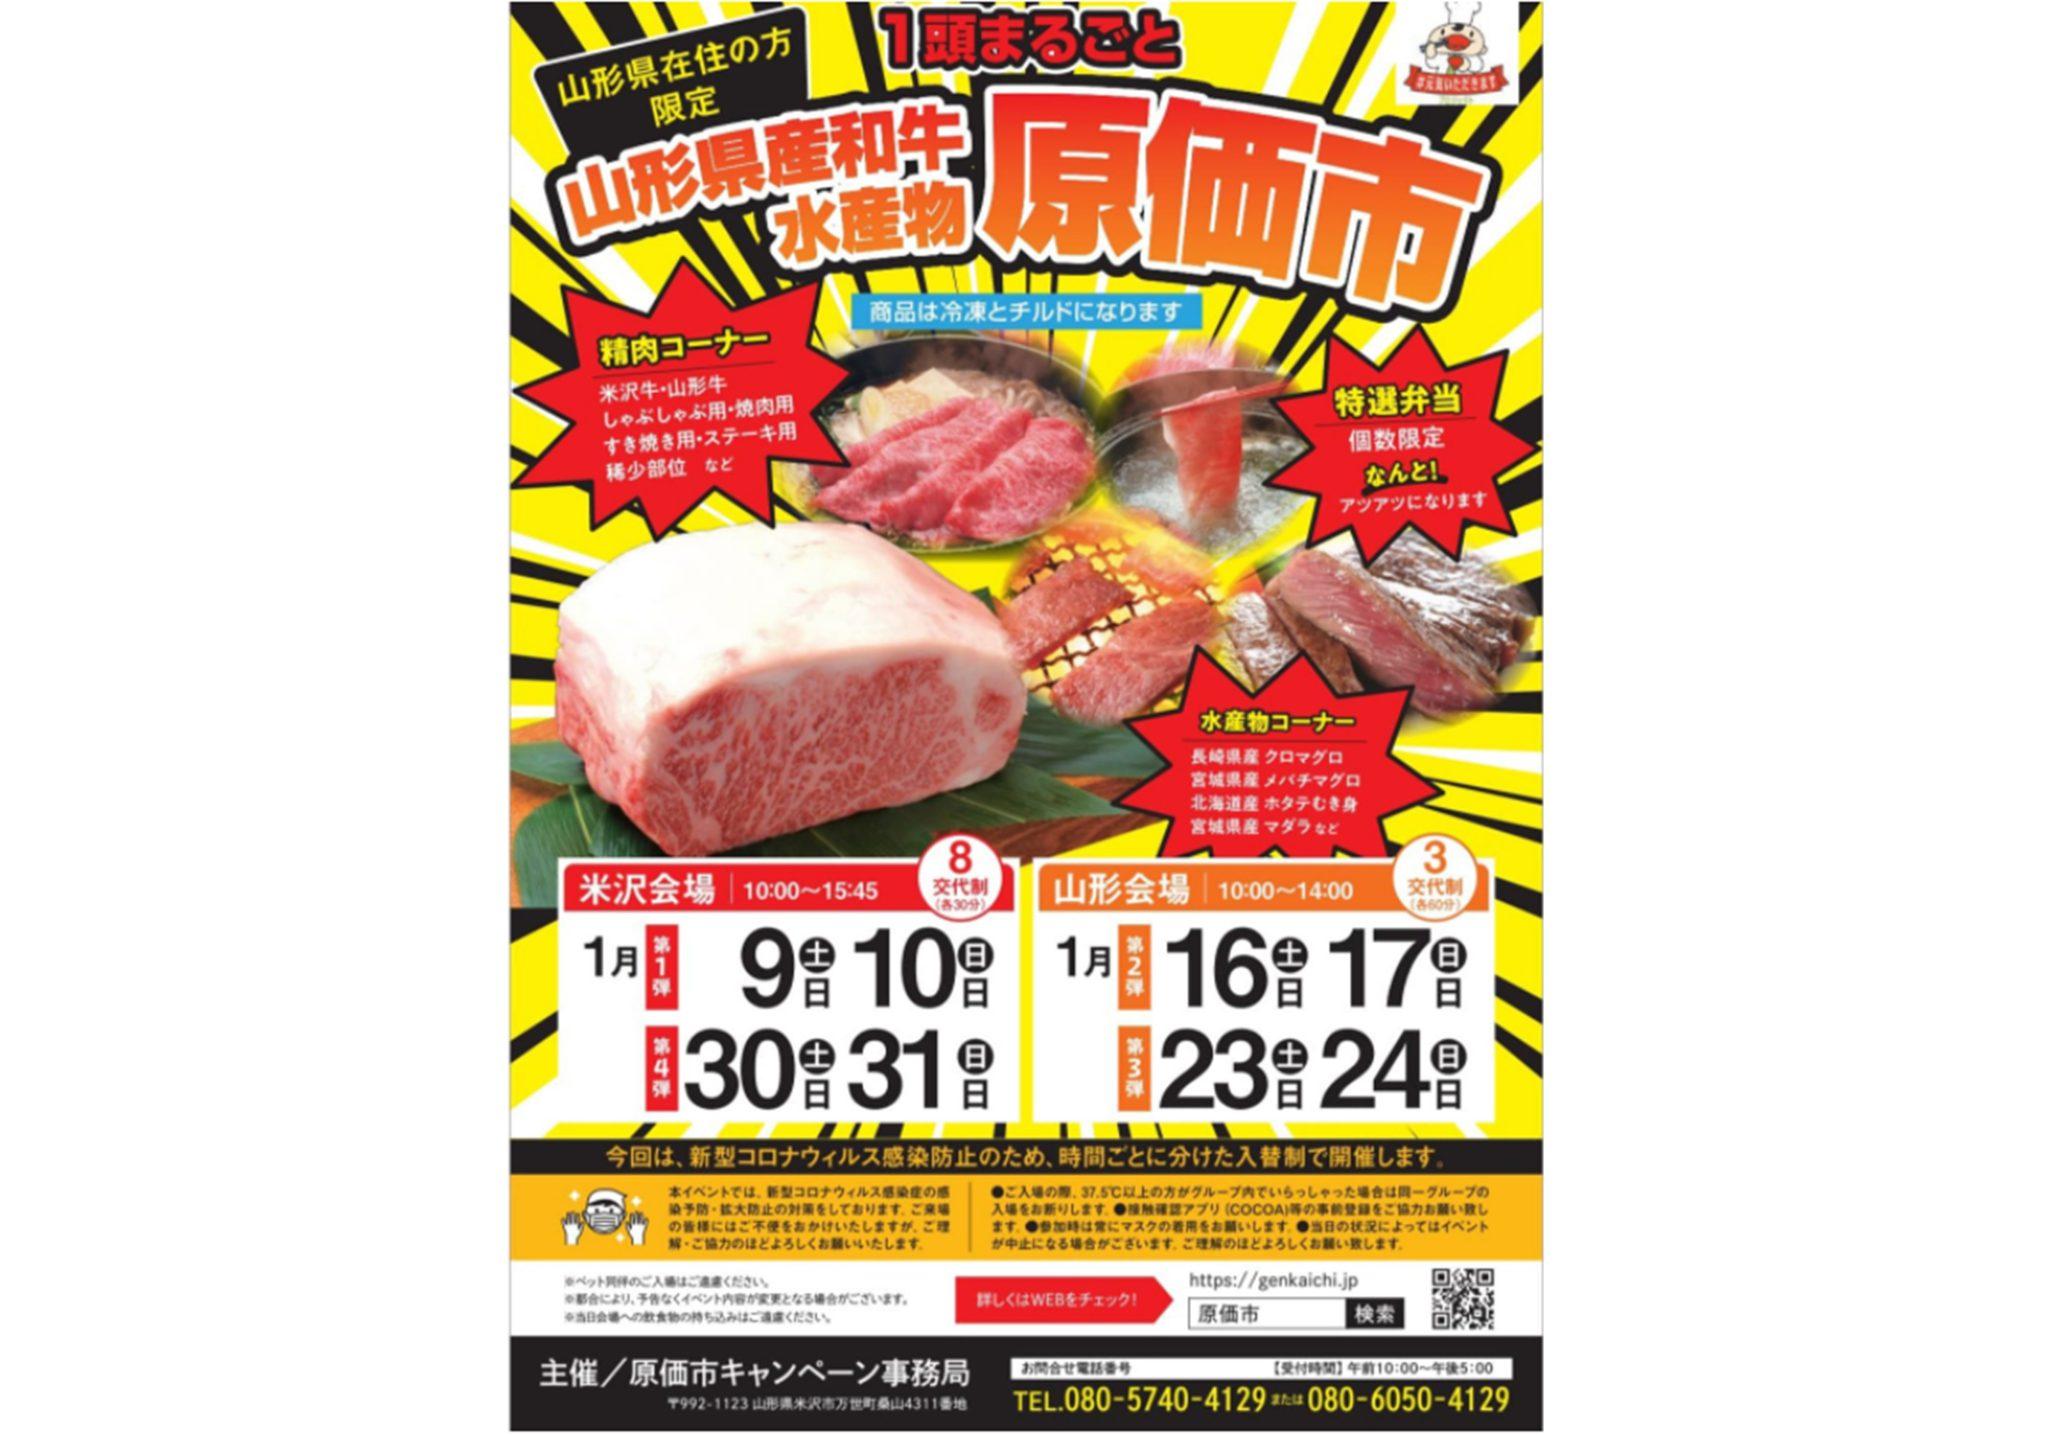 1頭まるごと山形県産和牛・水産物のキャンペーン 原価市